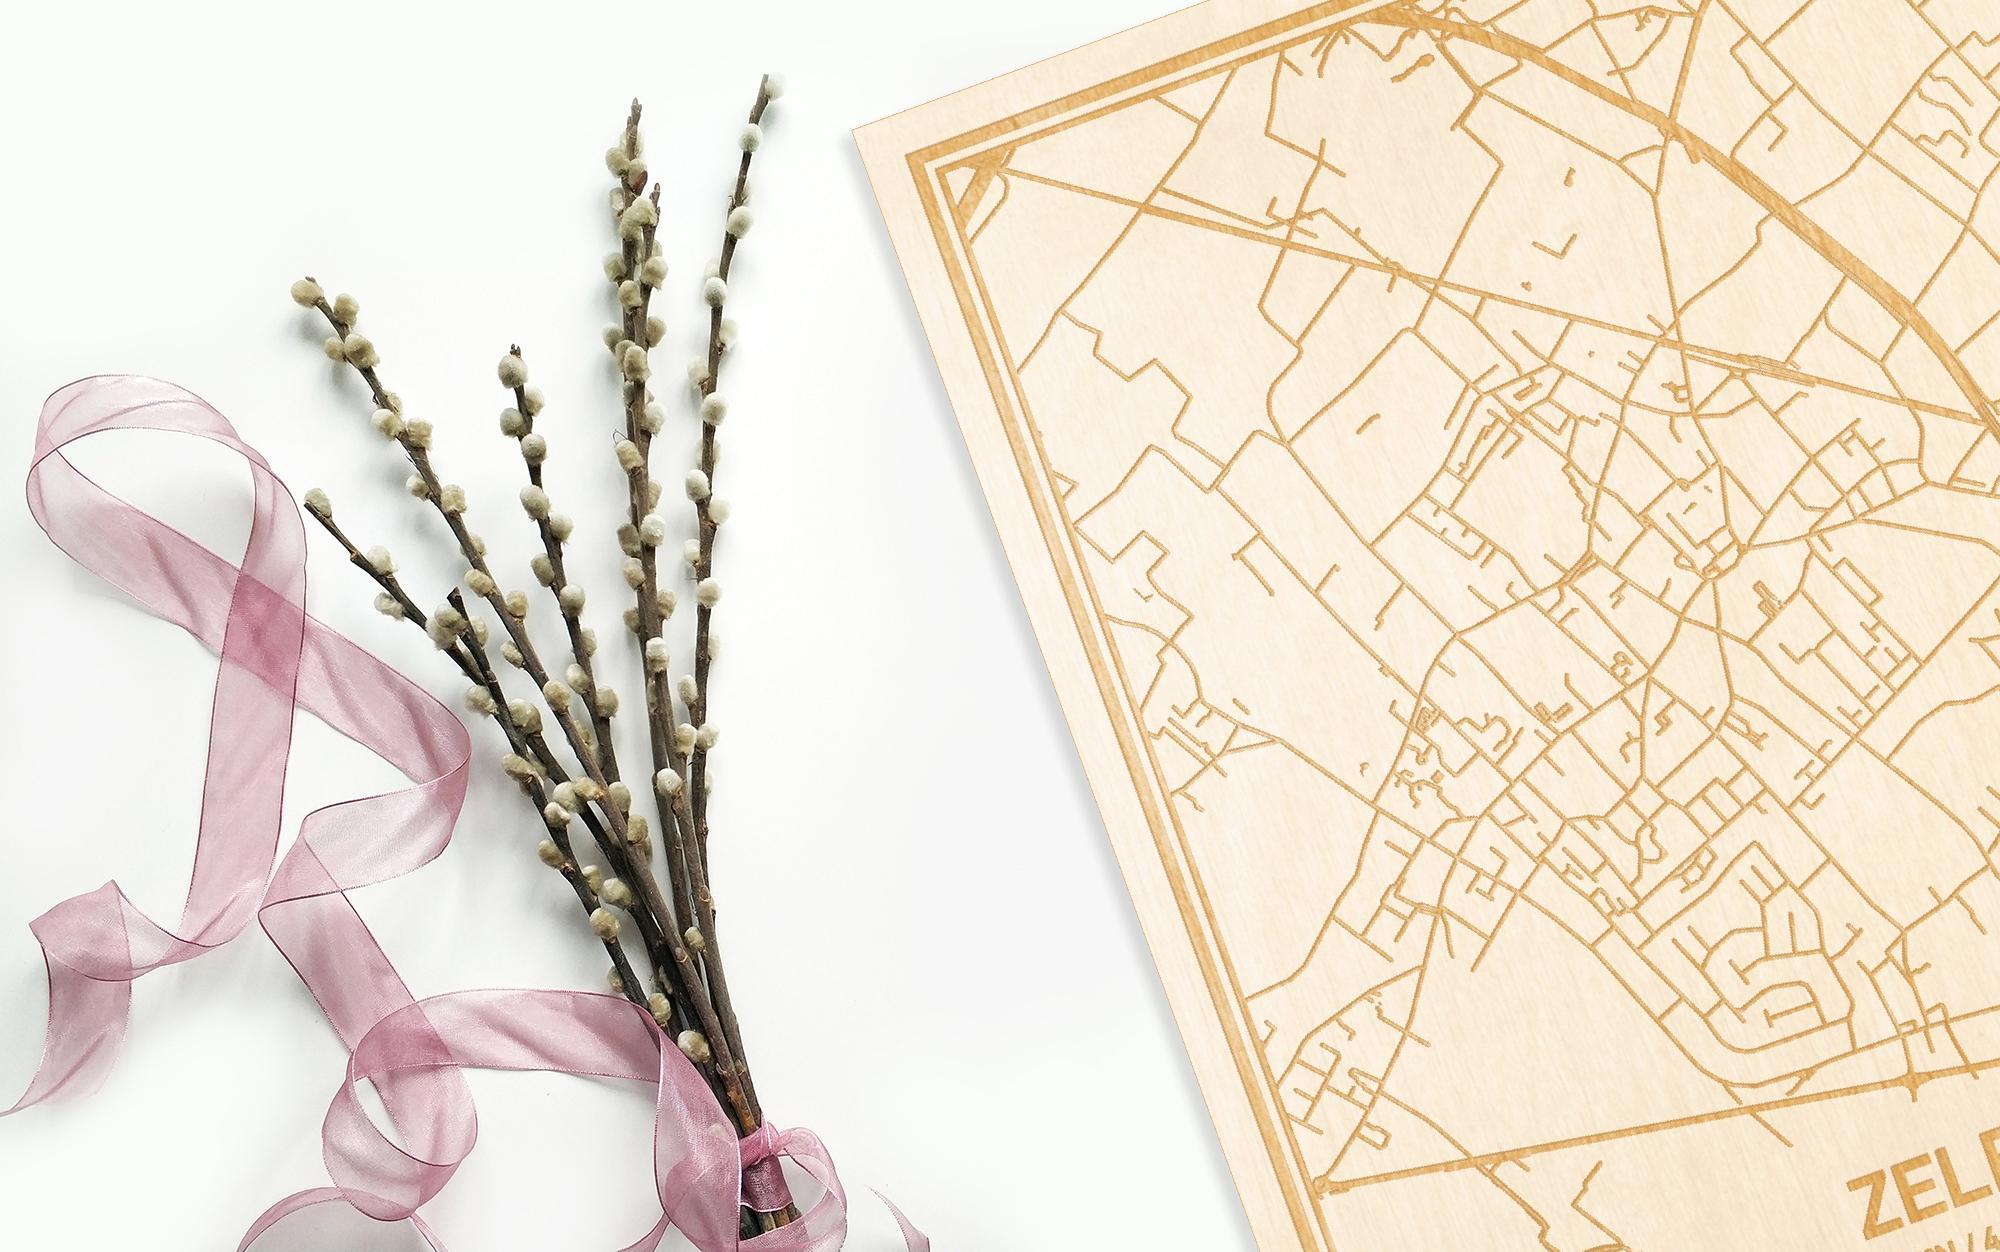 Hier ligt de houten plattegrond Zele naast een bloemetje als gepersonaliseerd cadeau voor haar.